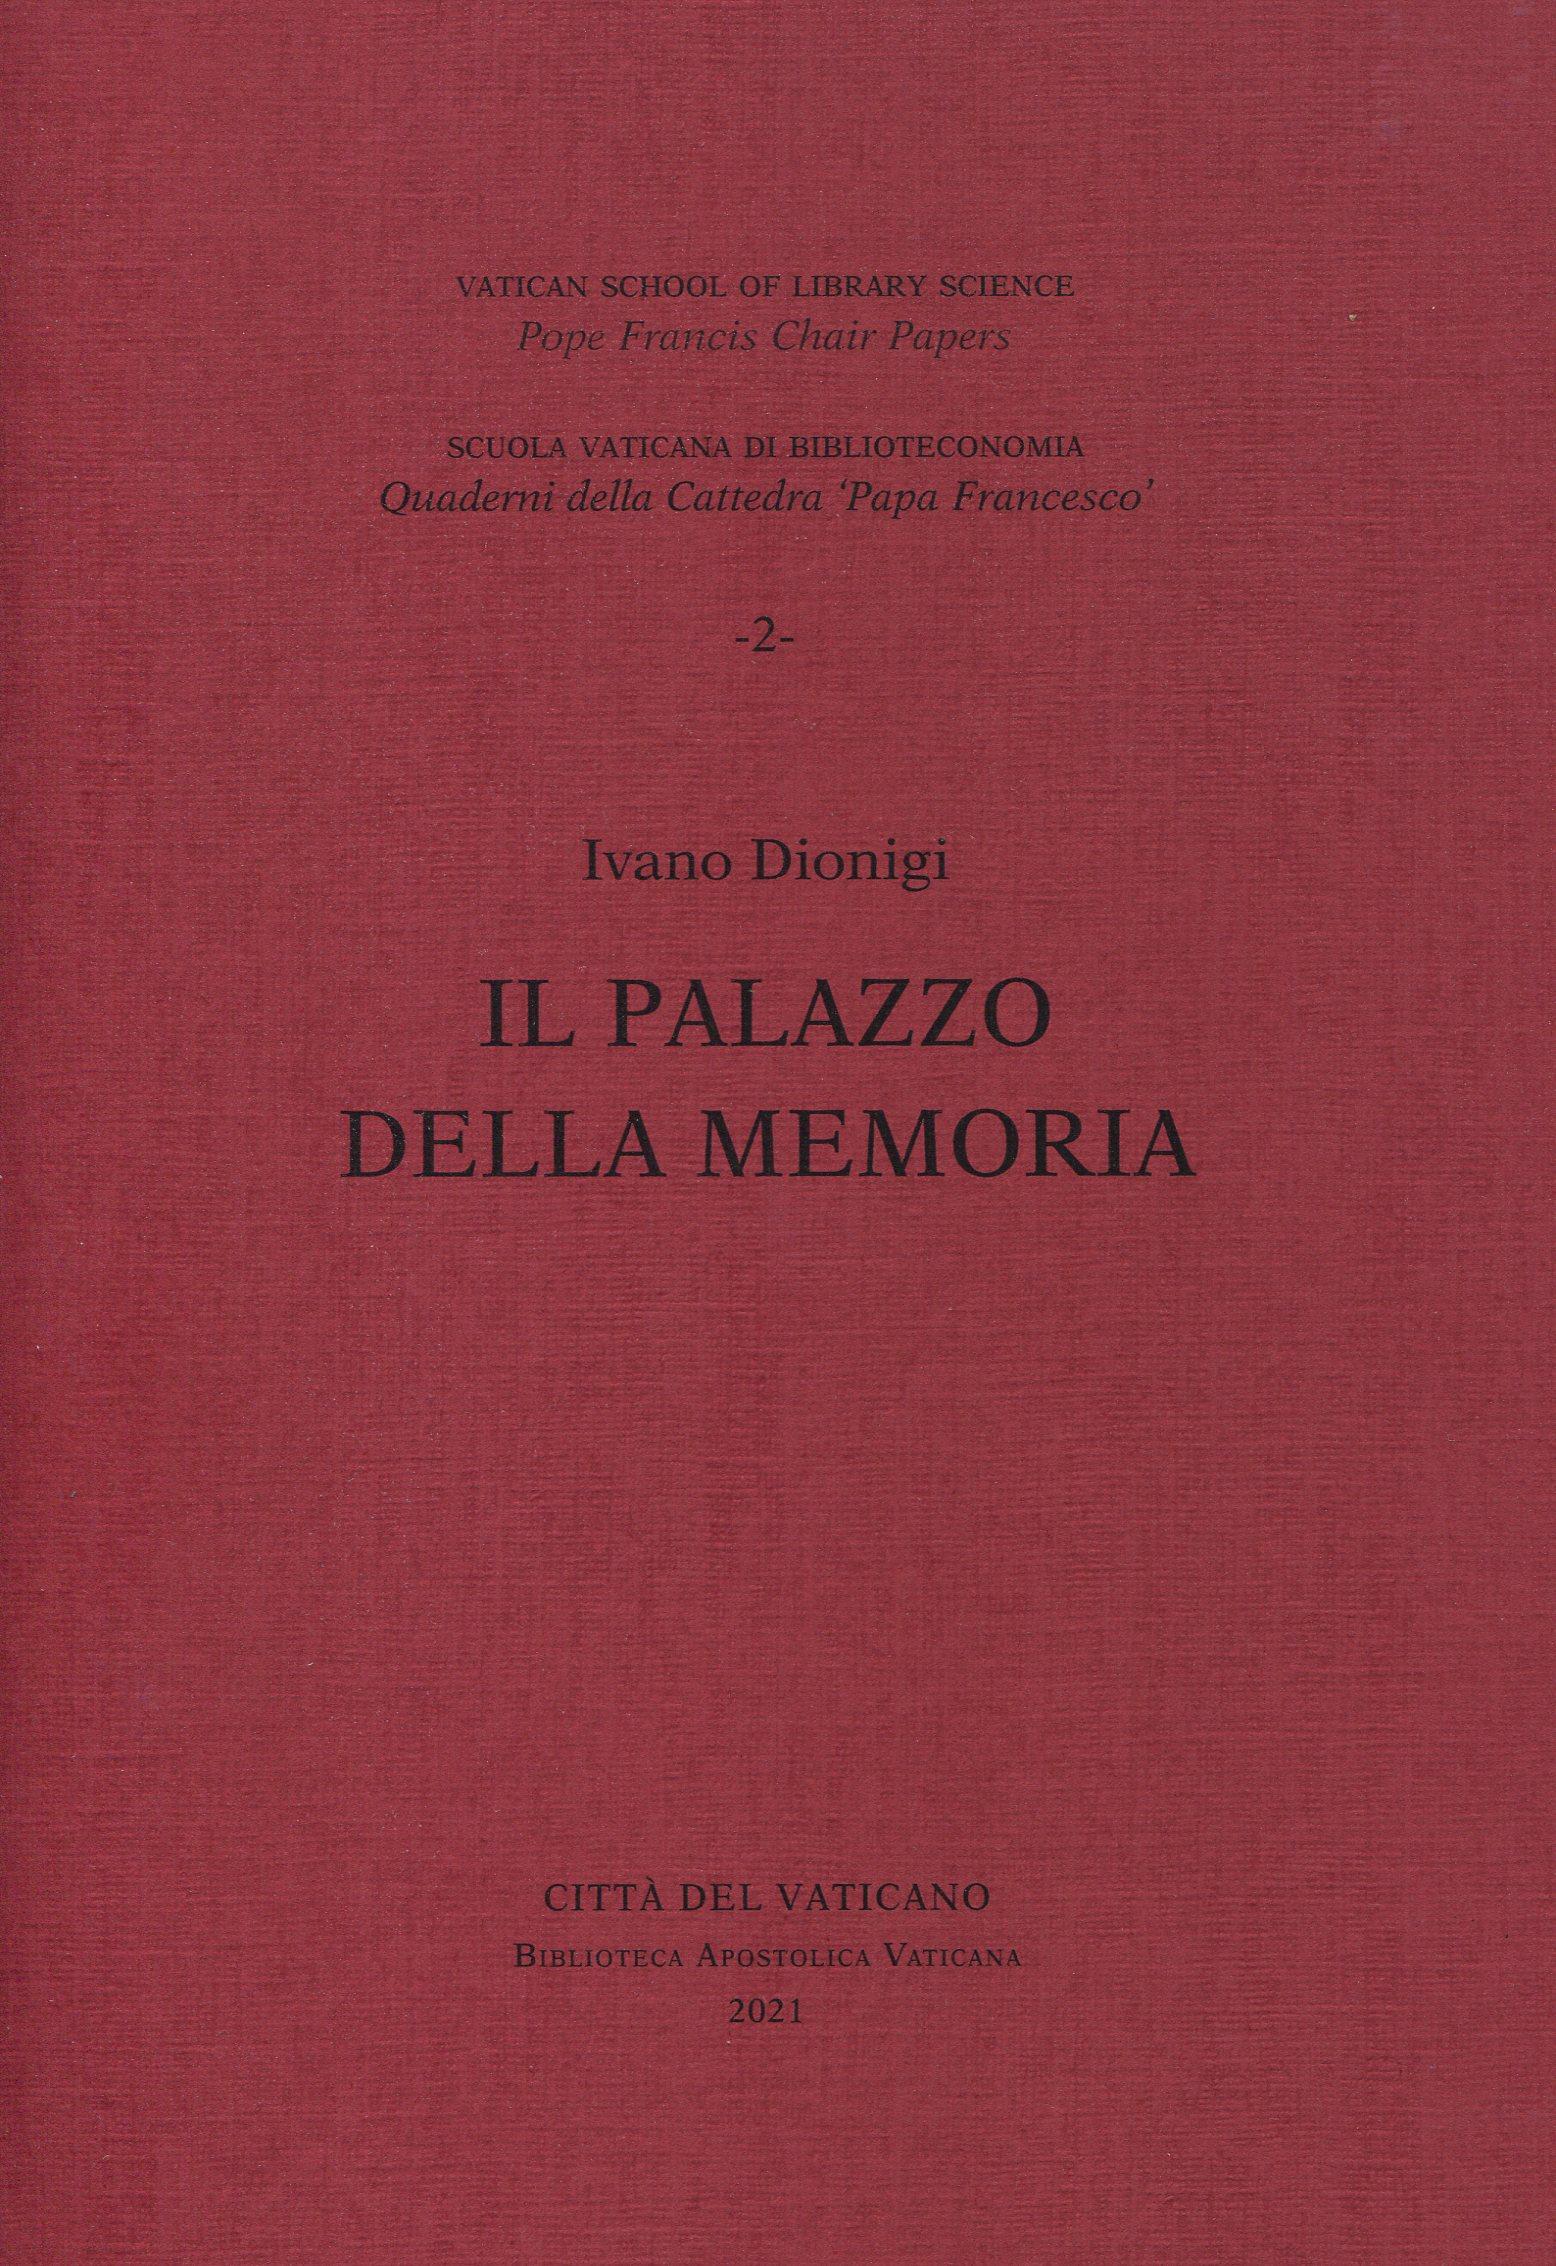 Il palazzo della memoria. Conferenza tenuta alla Biblioteca Apostolica Vaticana, 26 marzo 2019.